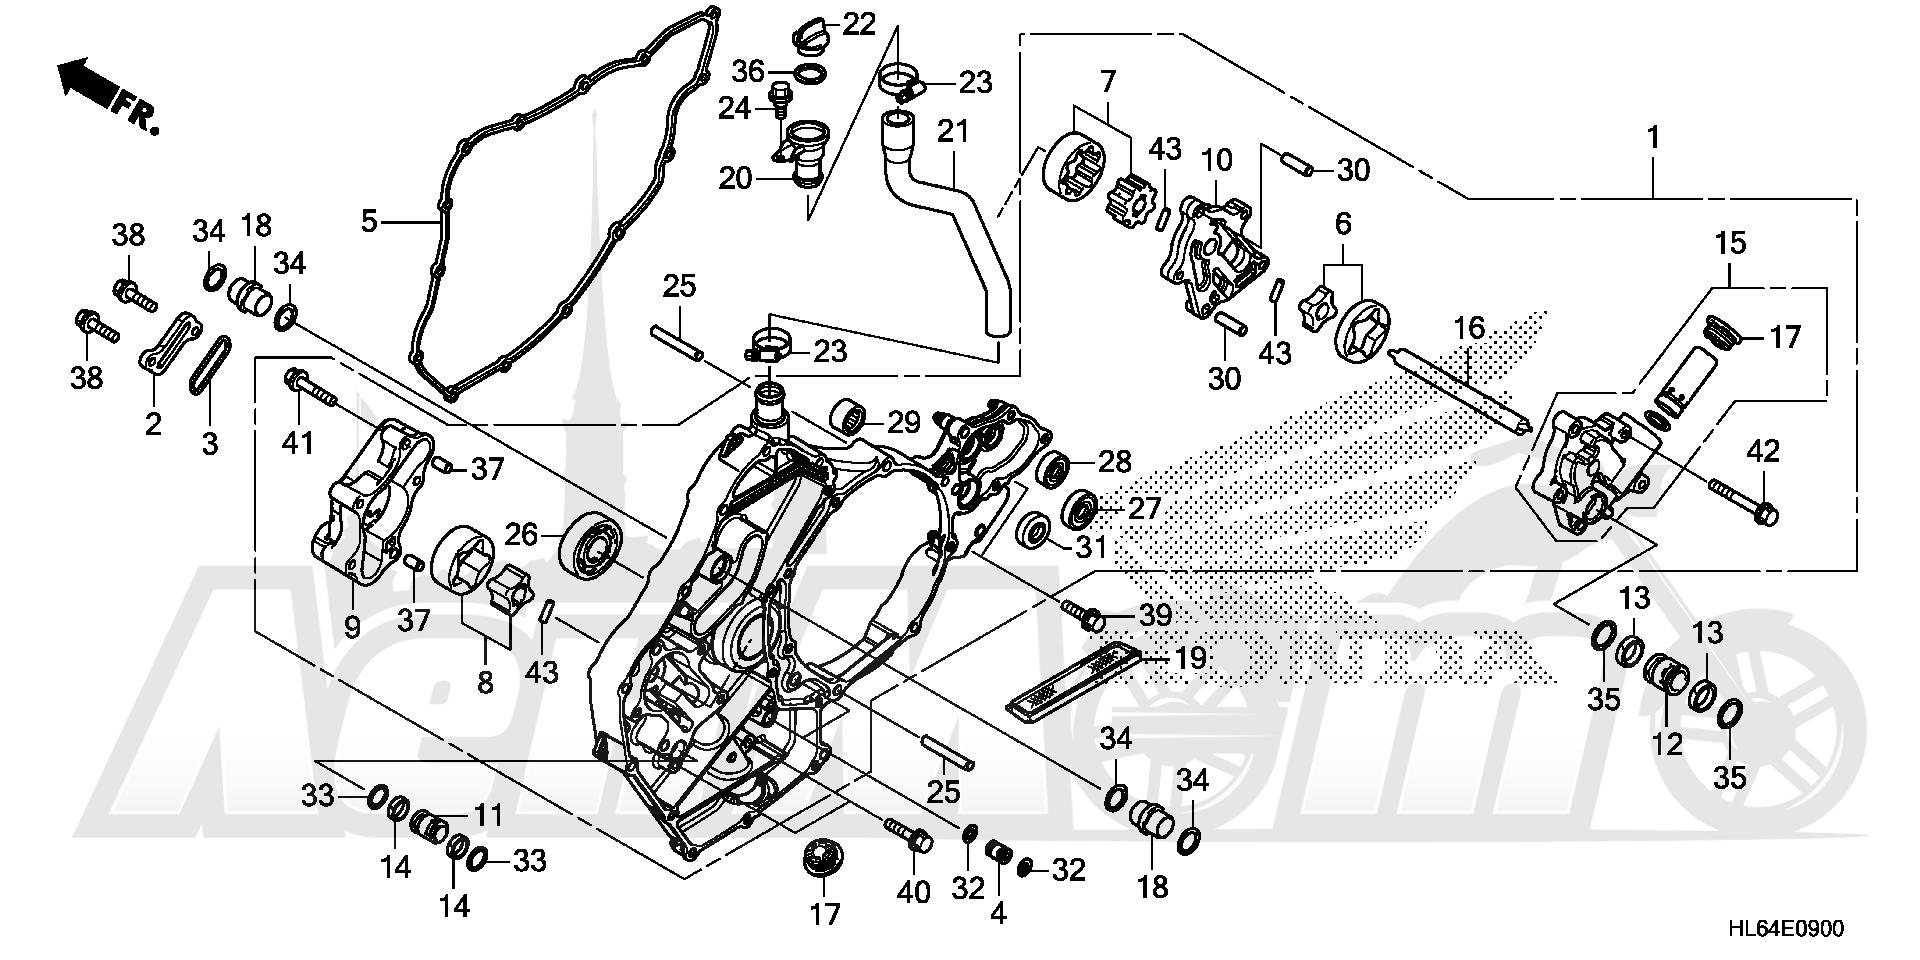 Запчасти для Квадроцикла Honda 2019 SXS1000S2R Раздел: OIL PUMP | маслянный насос